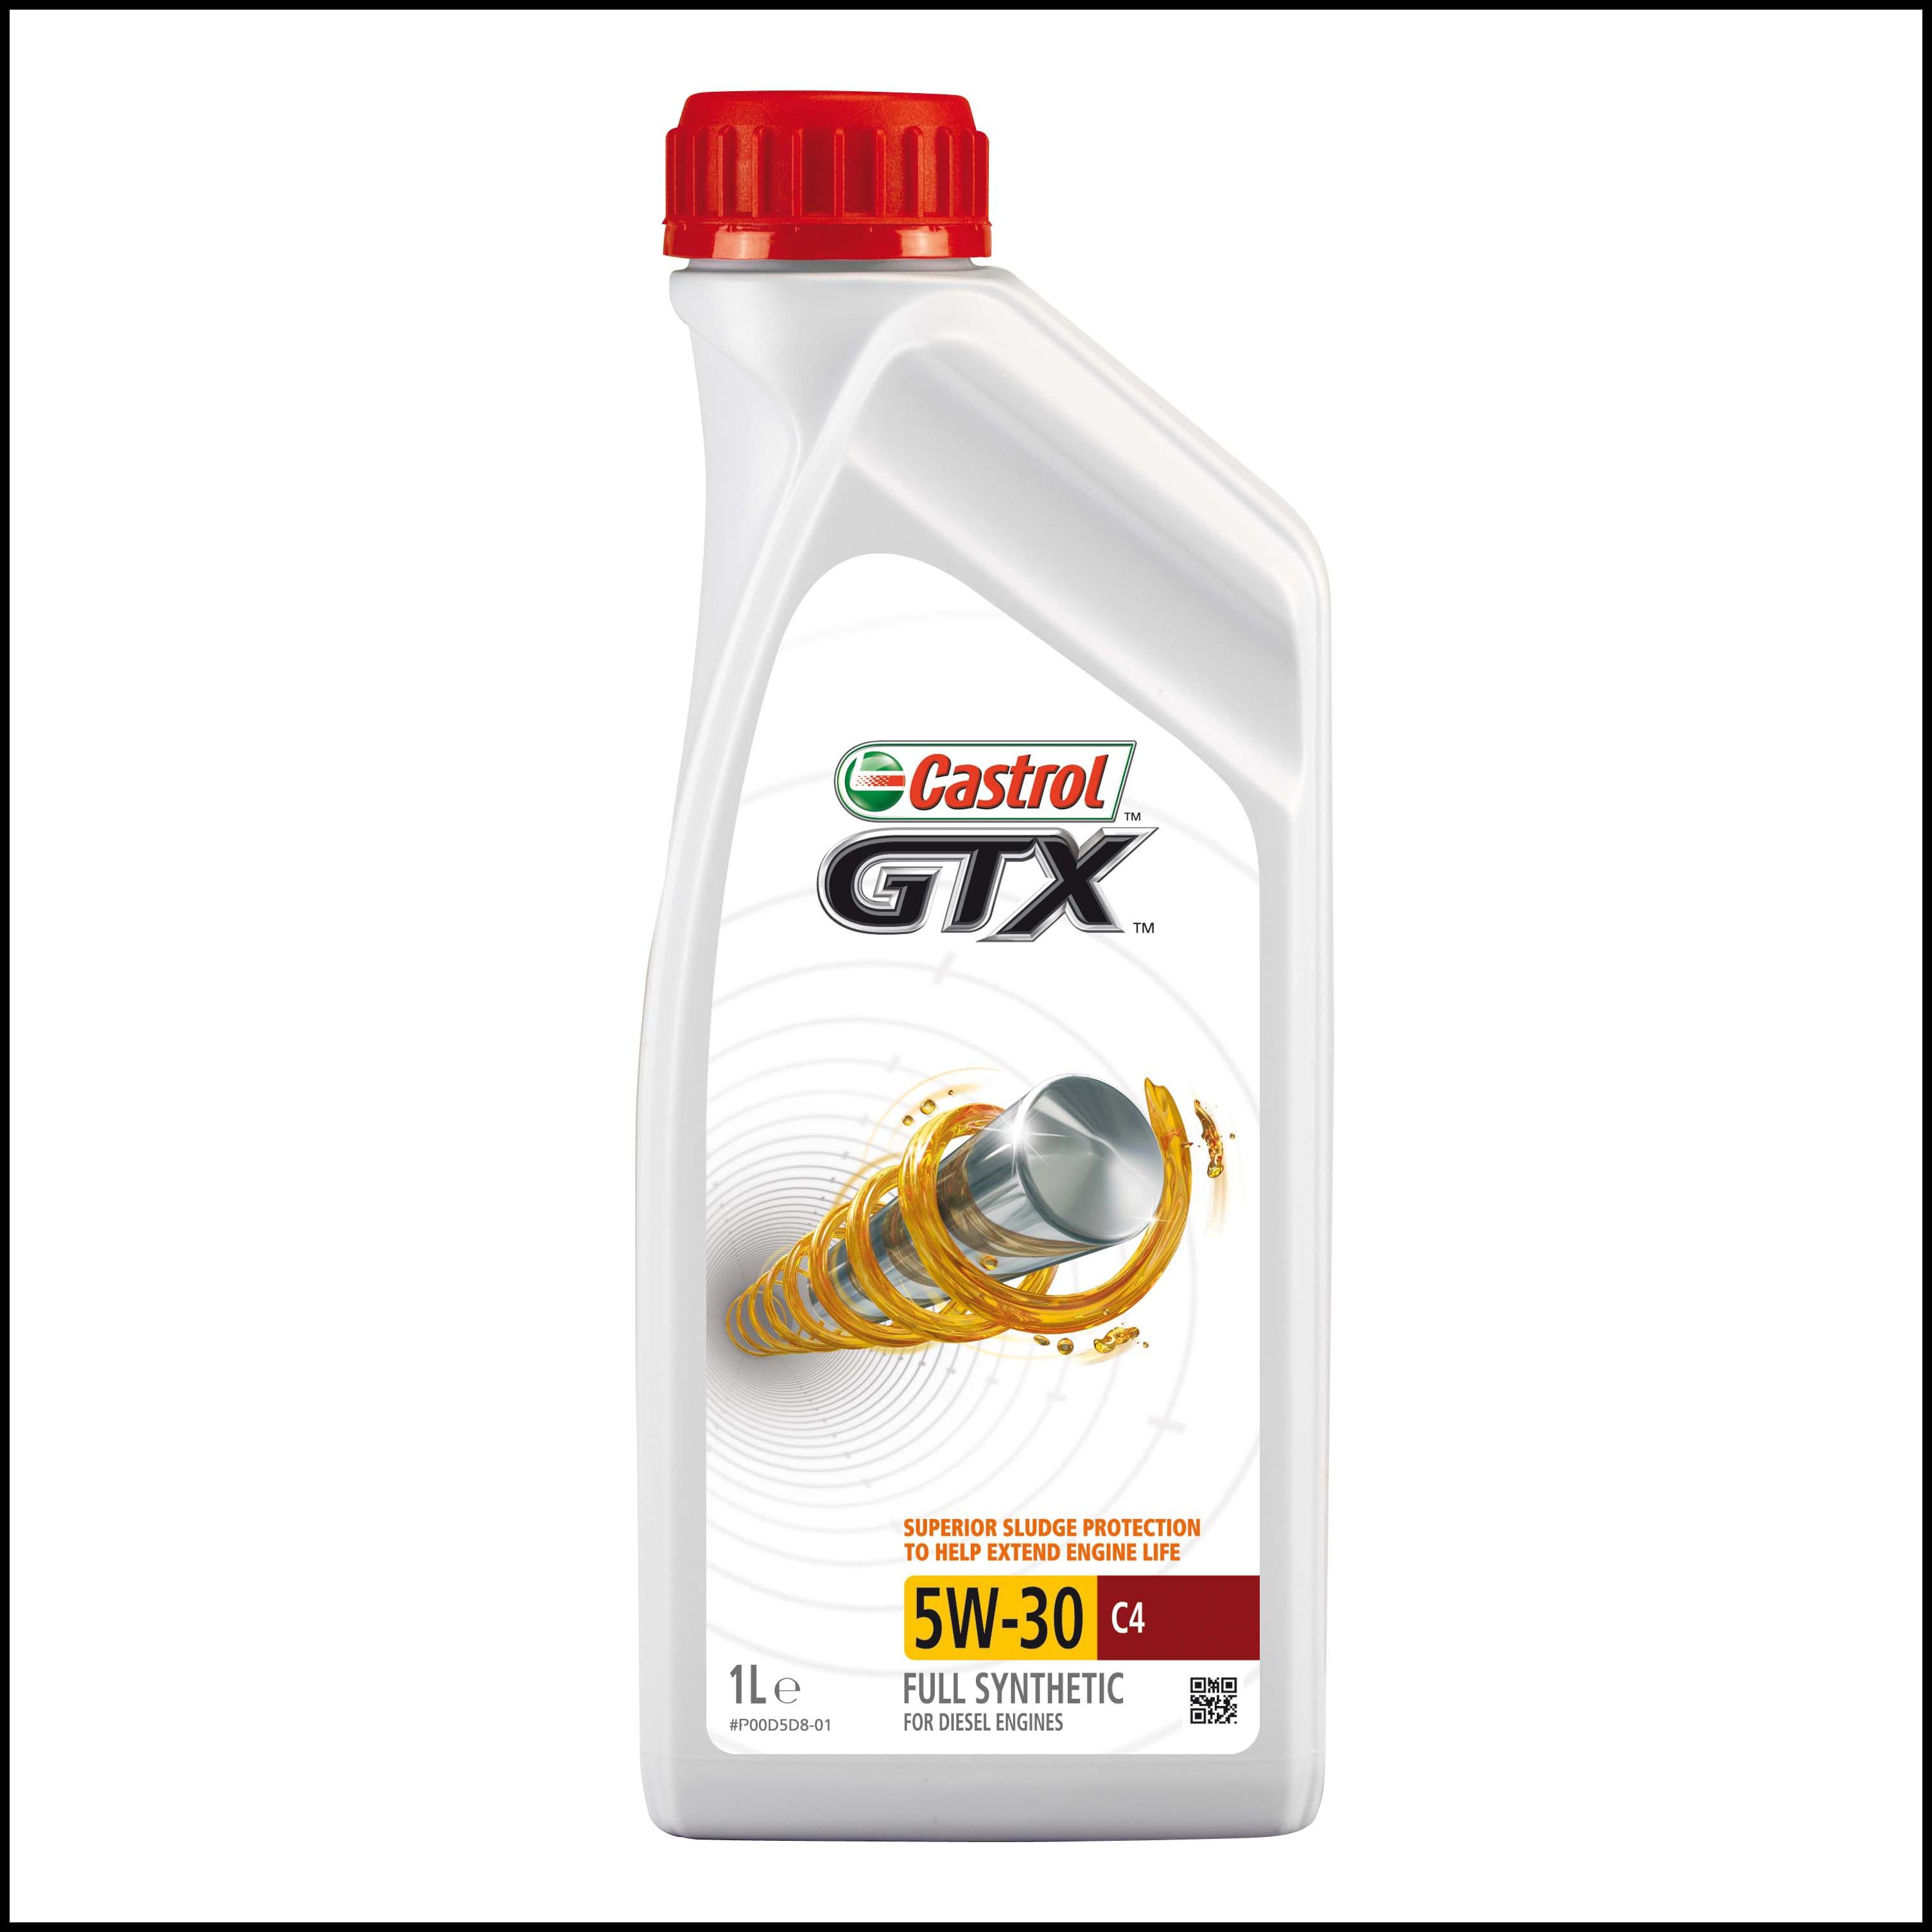 Castrol GTX 5W 30 C4